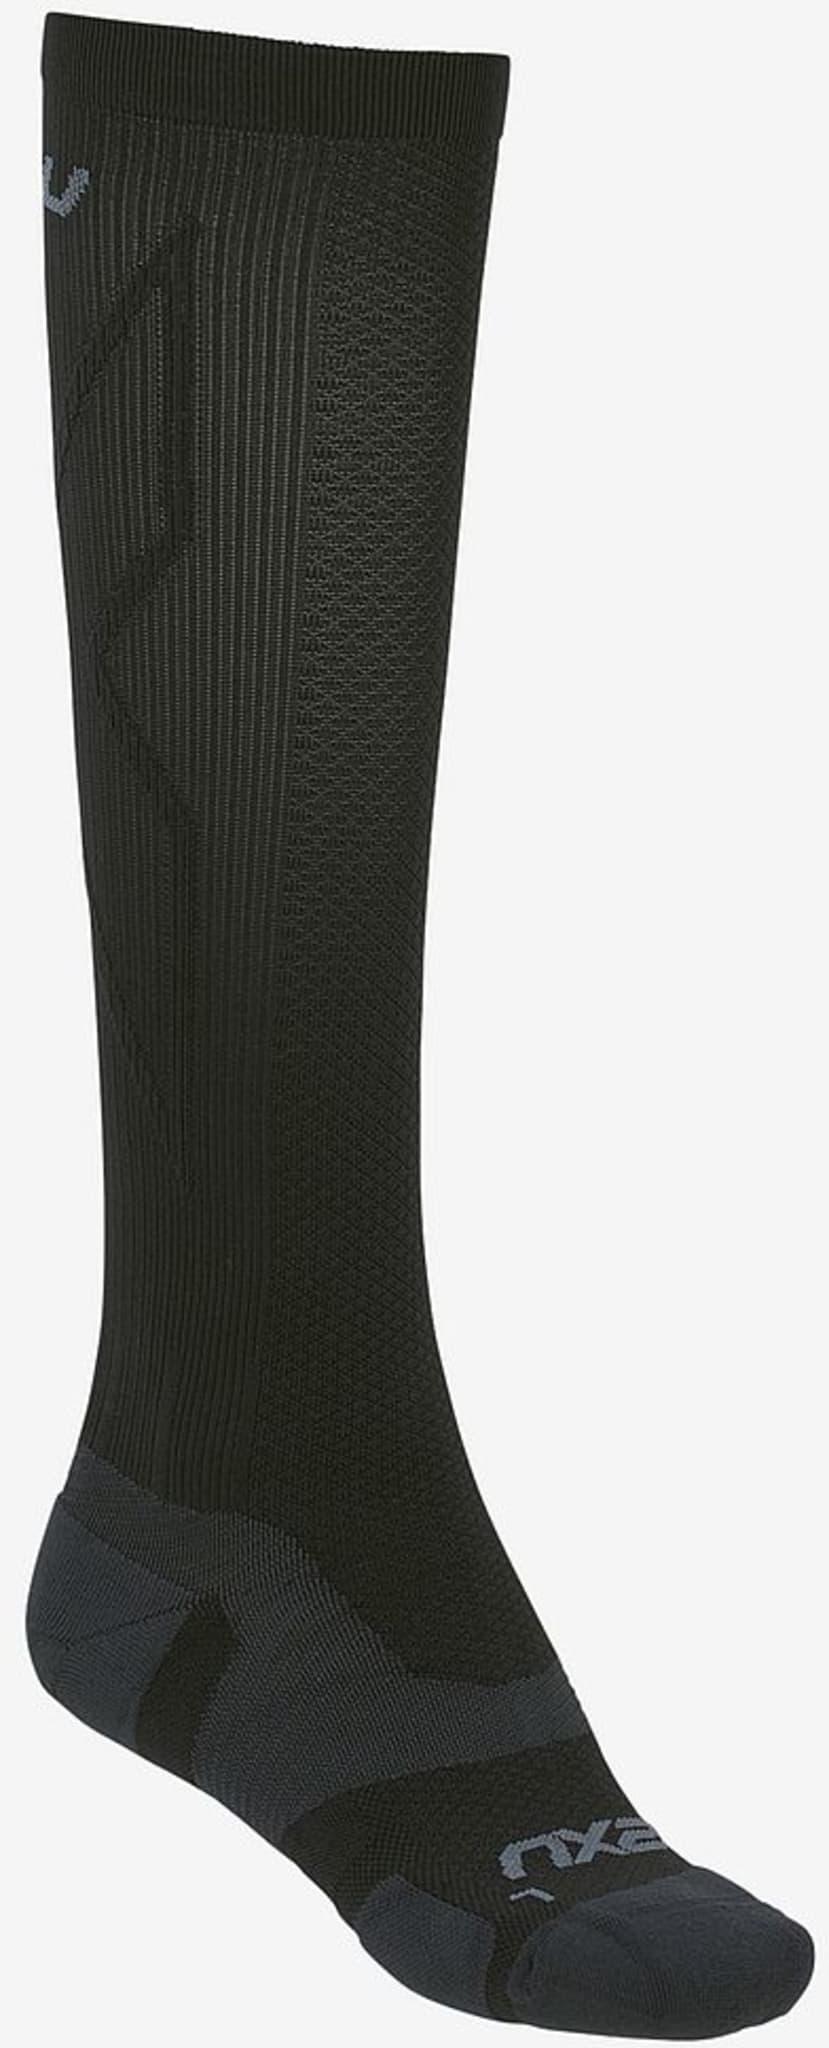 Vectr Light Cushion Full Length Socks